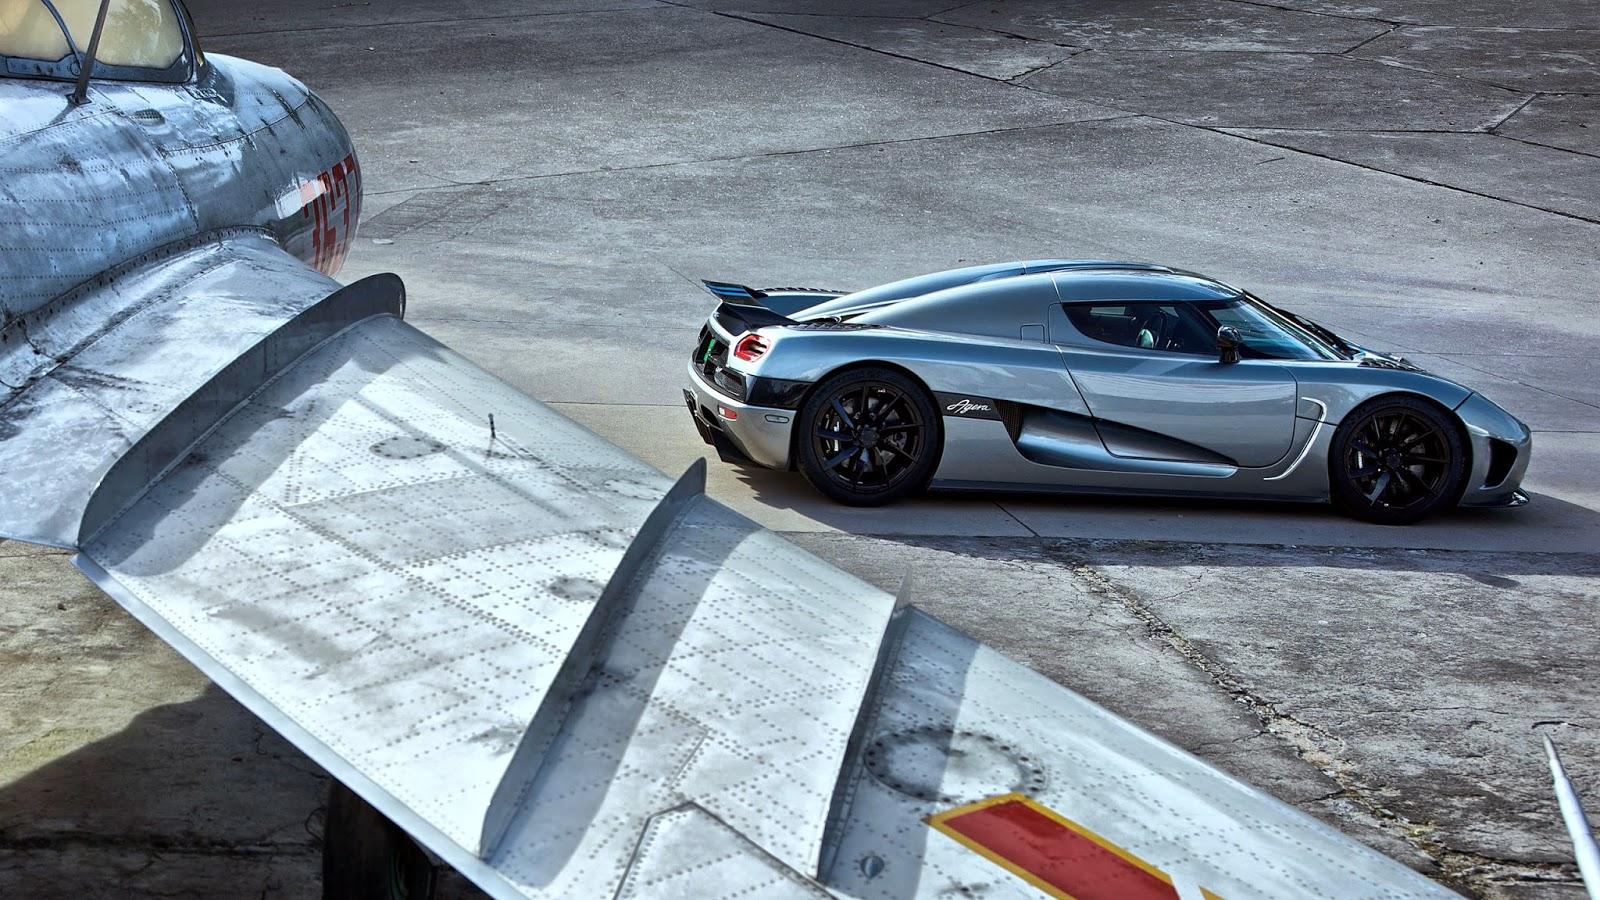 Wallpaper Mobil Sport Kualitas Tinggi: Gambar Mobil Balap, Mobil Sport, Dan Mobil Mewah Yang